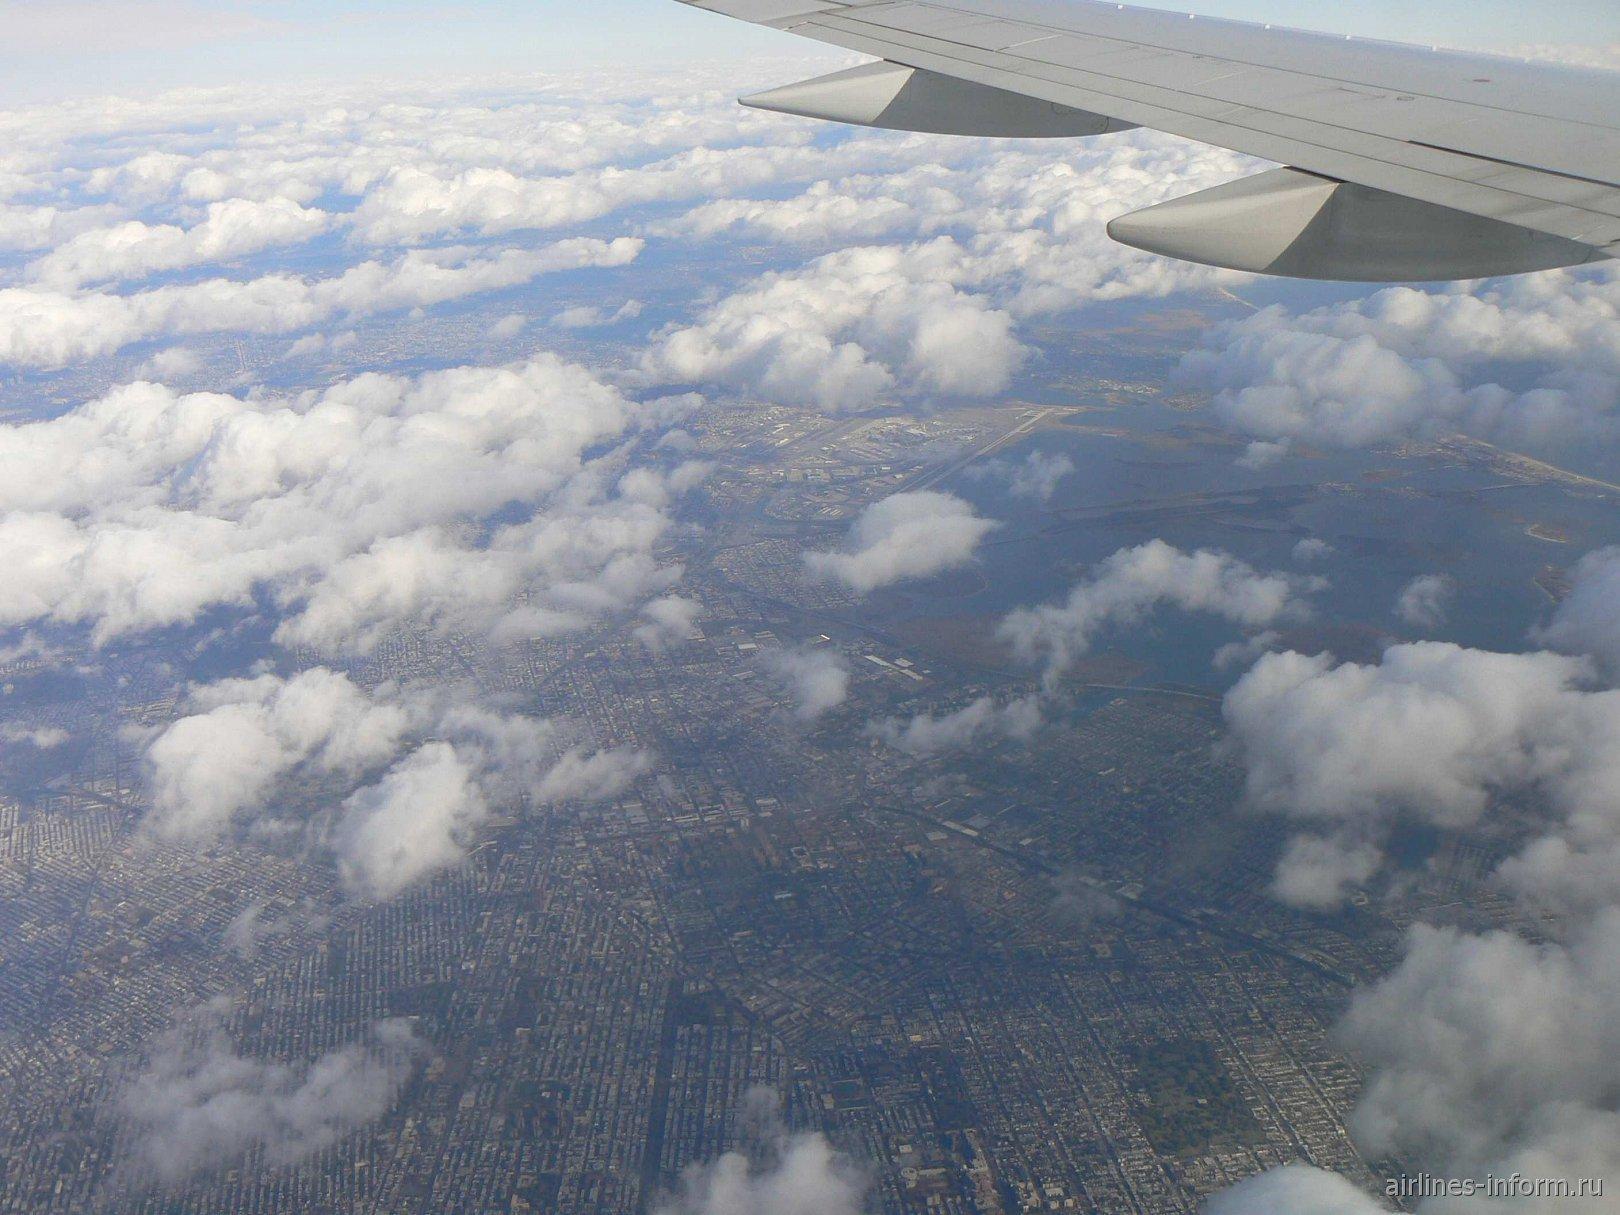 Нью-йорк. Манхэттэн и JFK под облаками